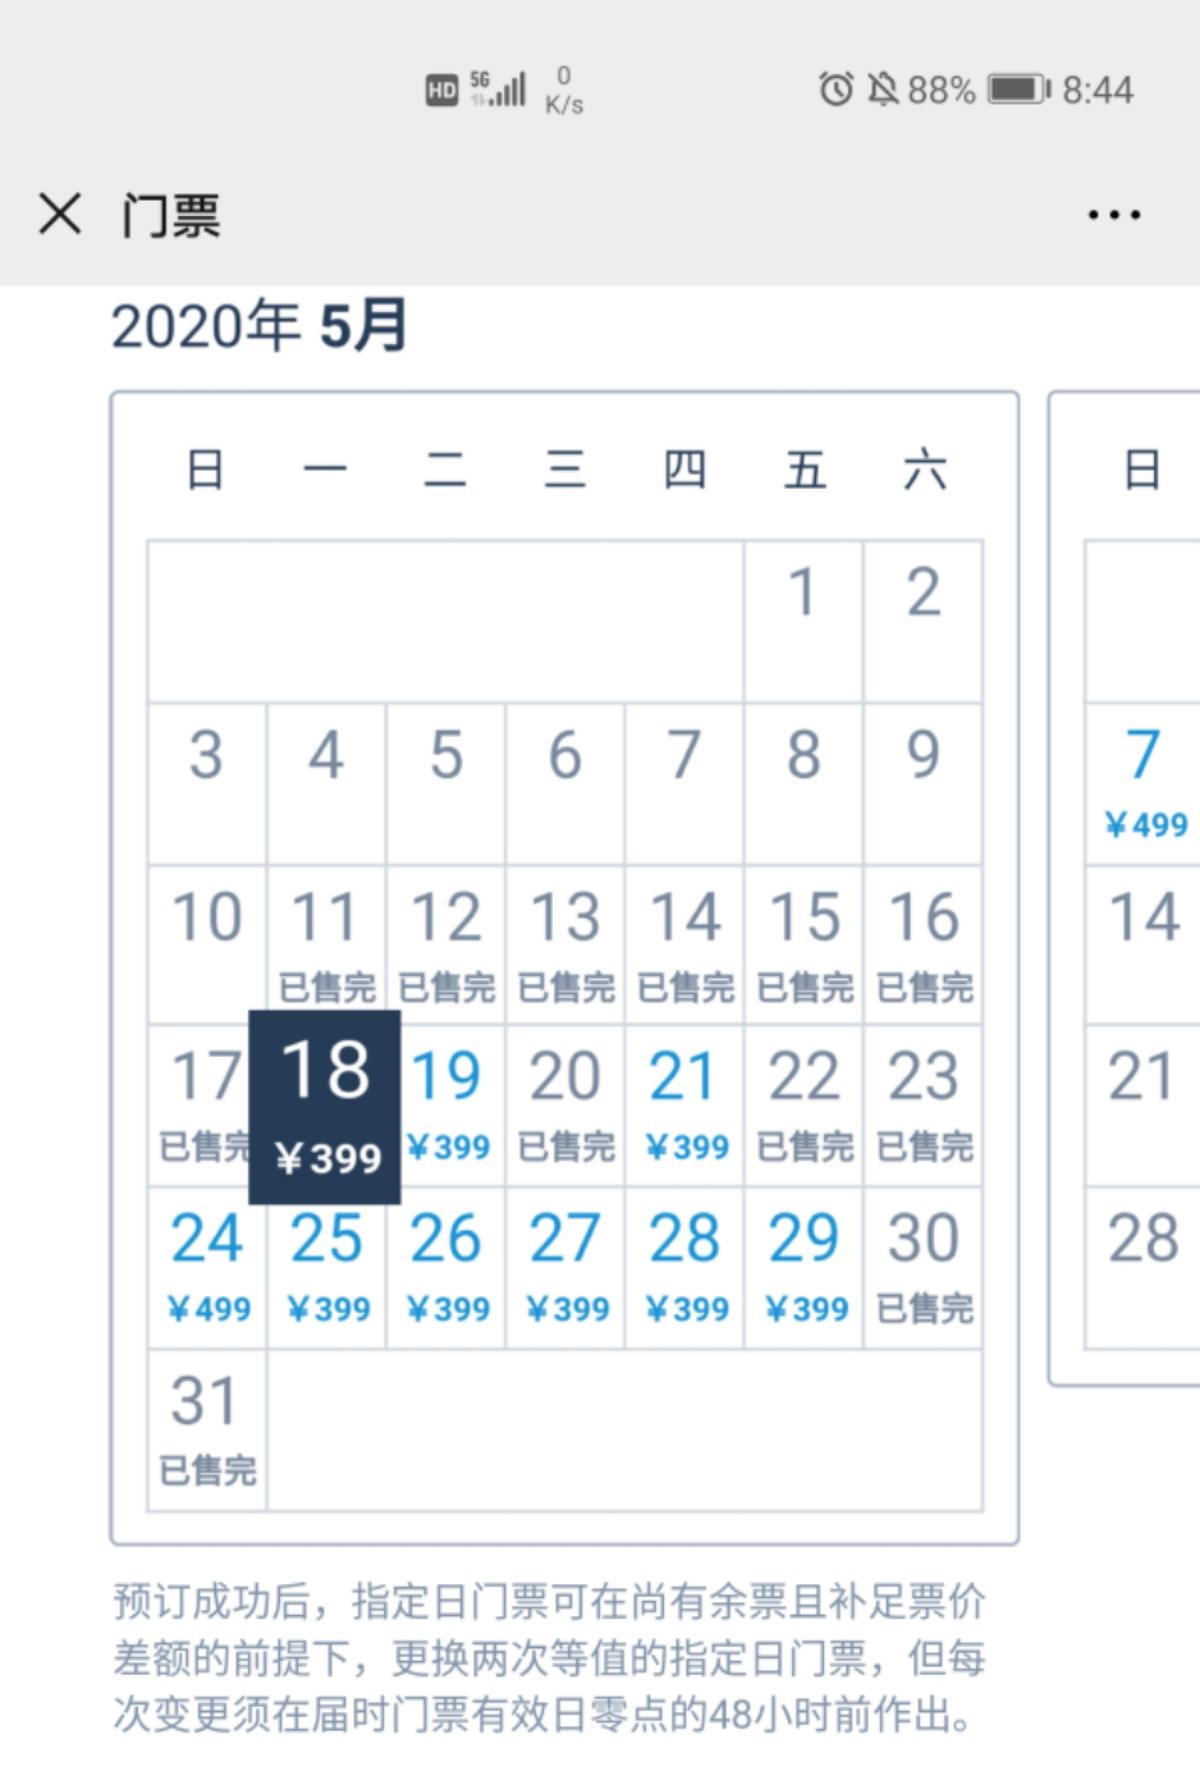 上海迪士尼乐园门票被抢购一空 开售不到1小时